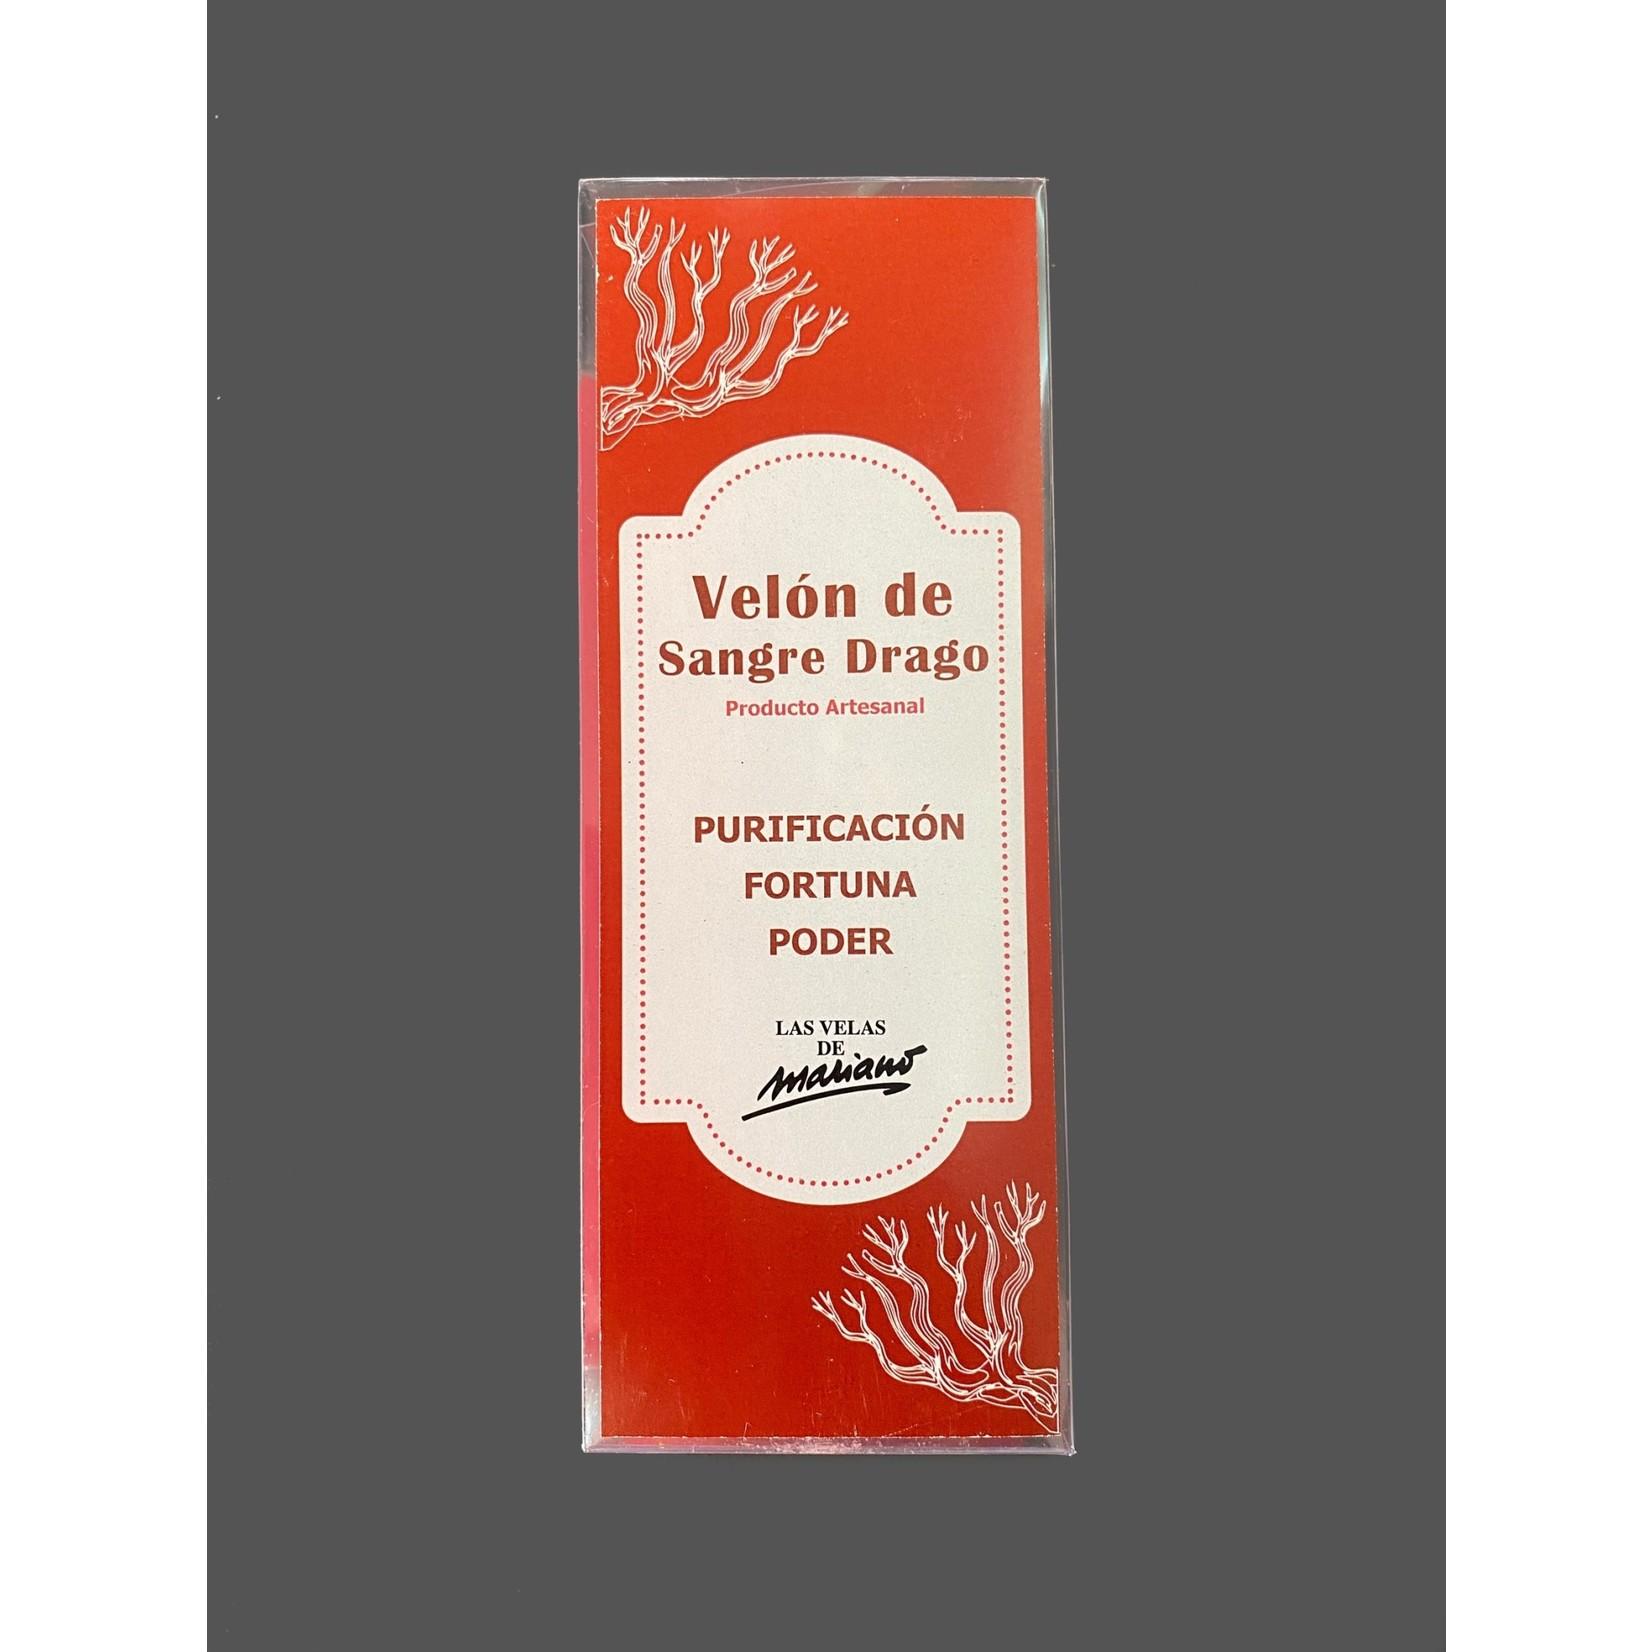 Velón